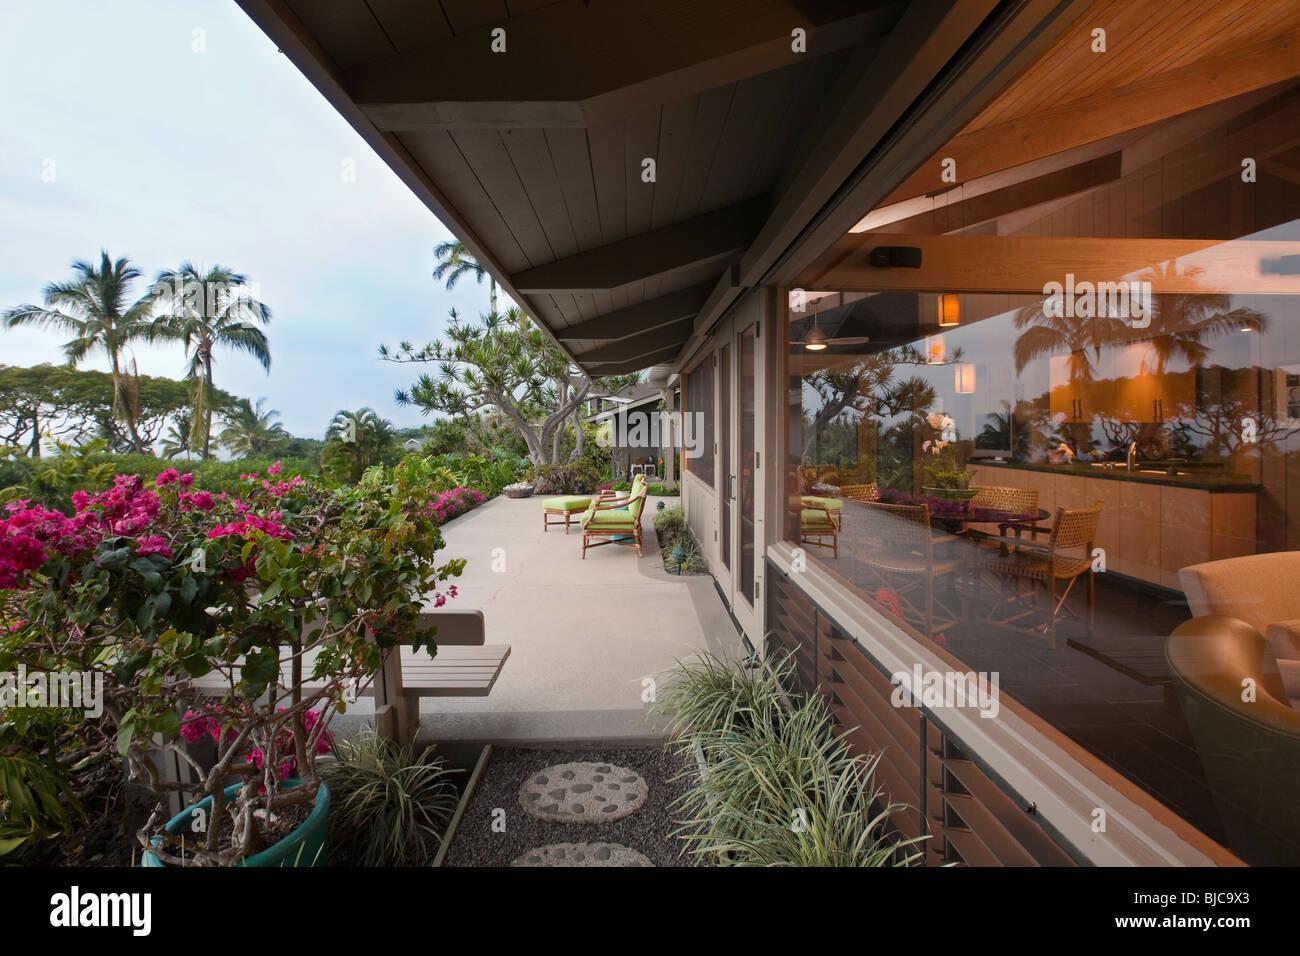 Exterior And Interior Stockfotos & Exterior And Interior Bilder - Alamy